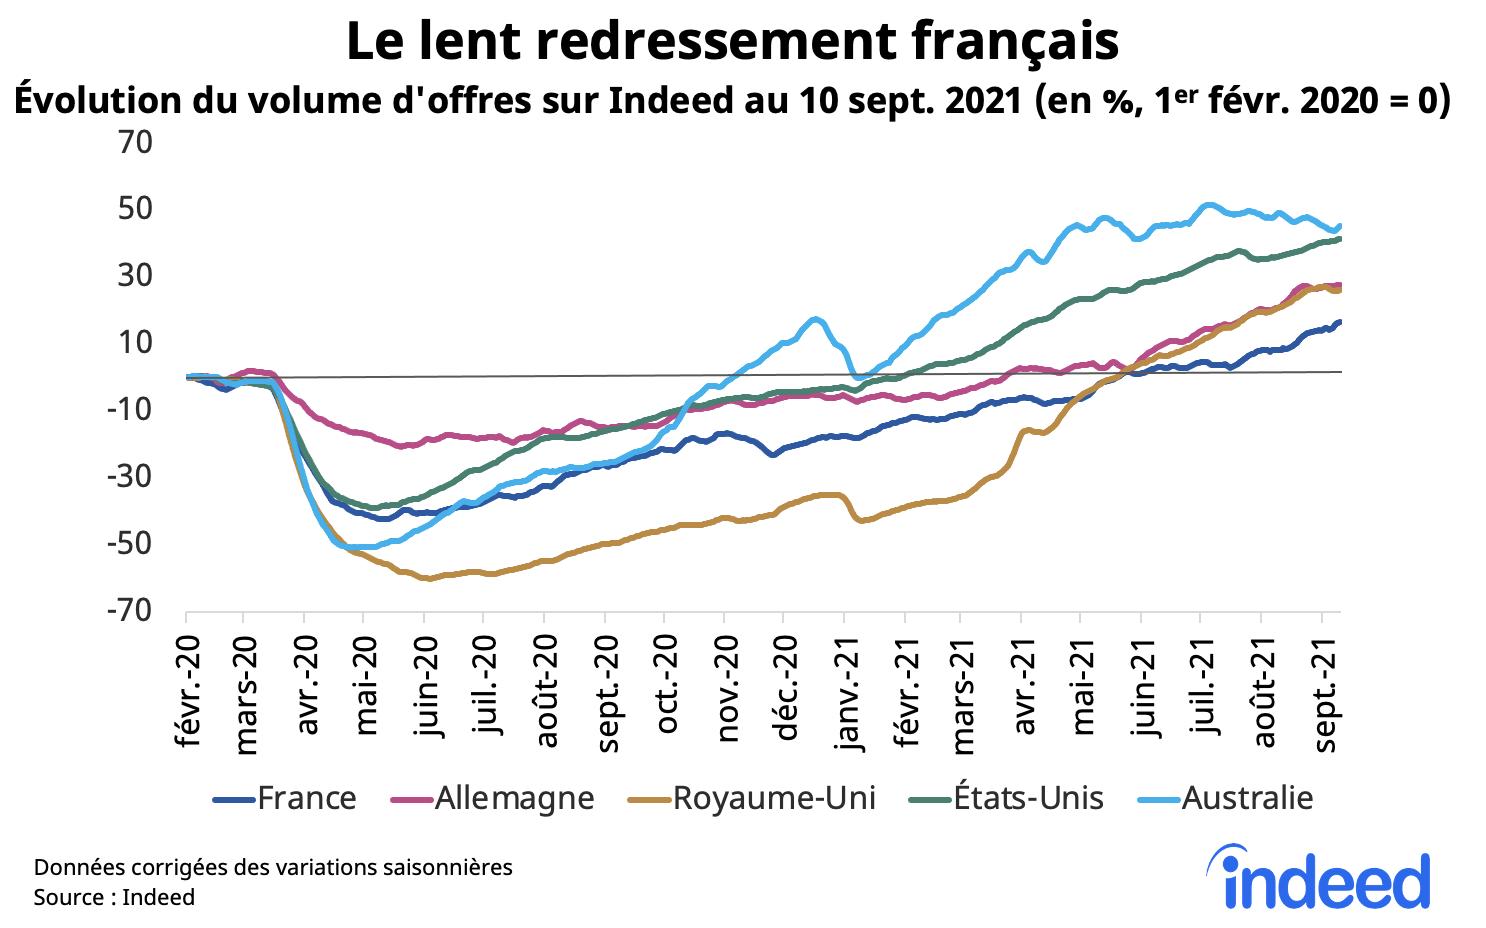 Le graphique en courbes illustre l'évolution du volume d'offres d'emploi en France, en Allemagne, au Royaume-Uni, aux États-Unis et en Australie au 10 septembre 2021.